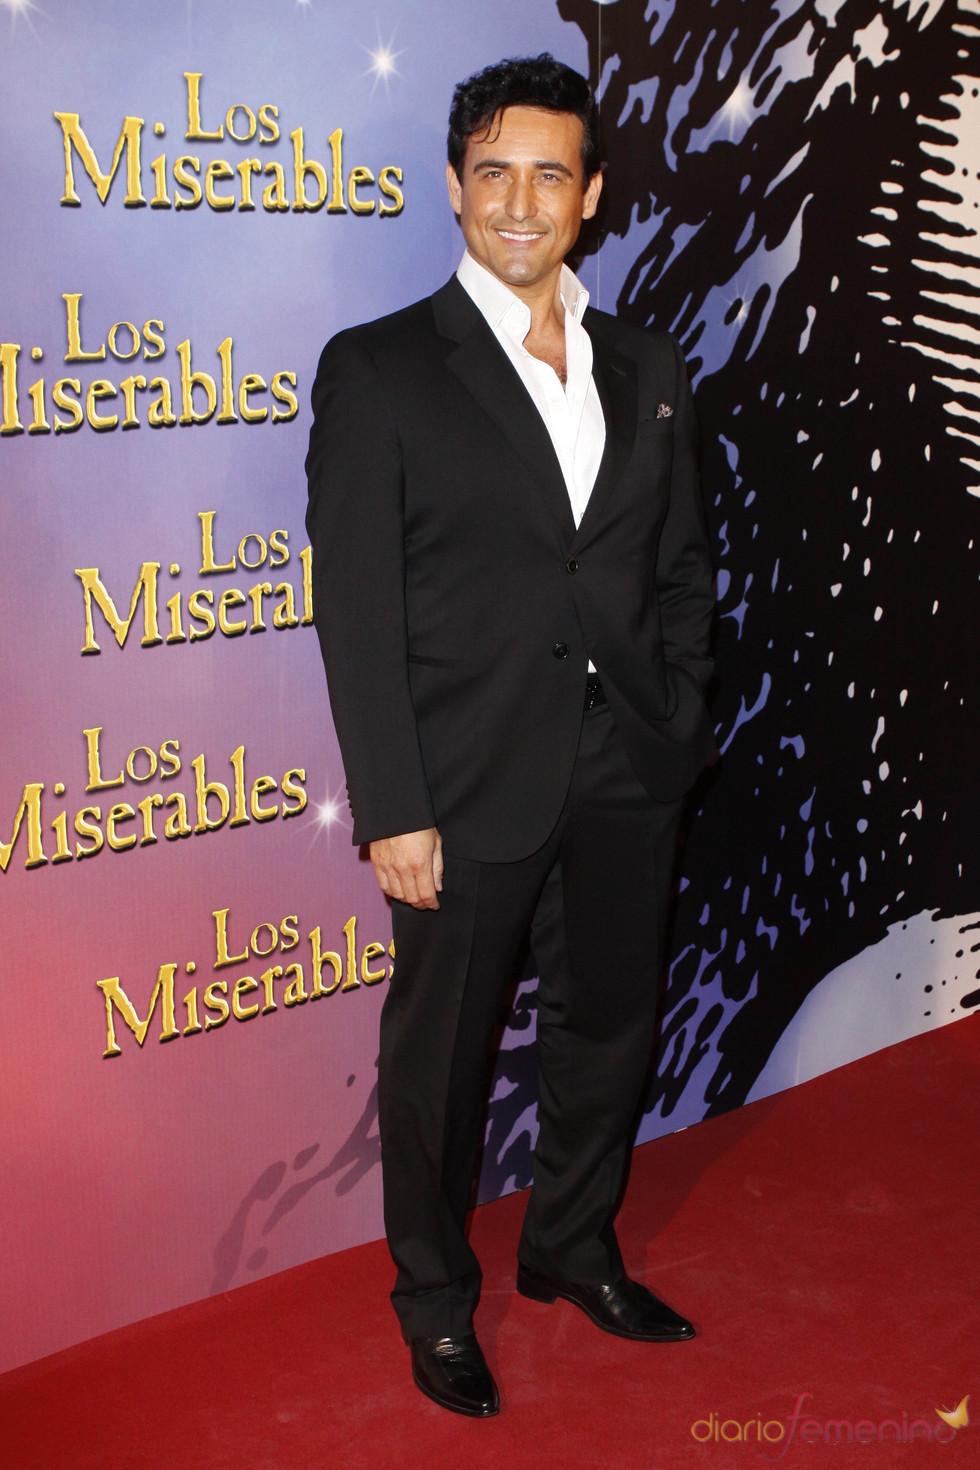 Carlos Marin en la presentación de la oba de teatro 'Los Miserables'